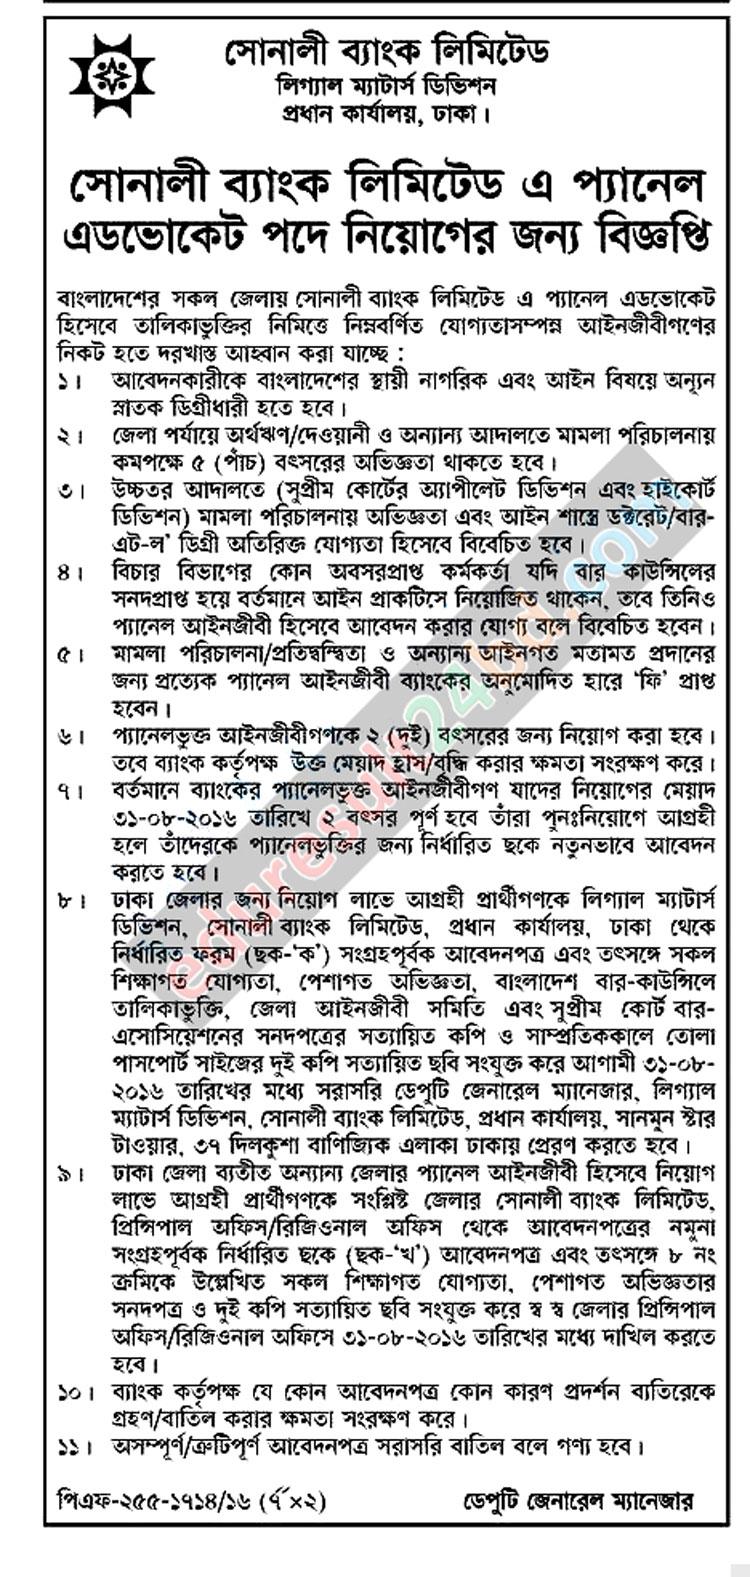 Sonali Bank Limited Job Circular 2016